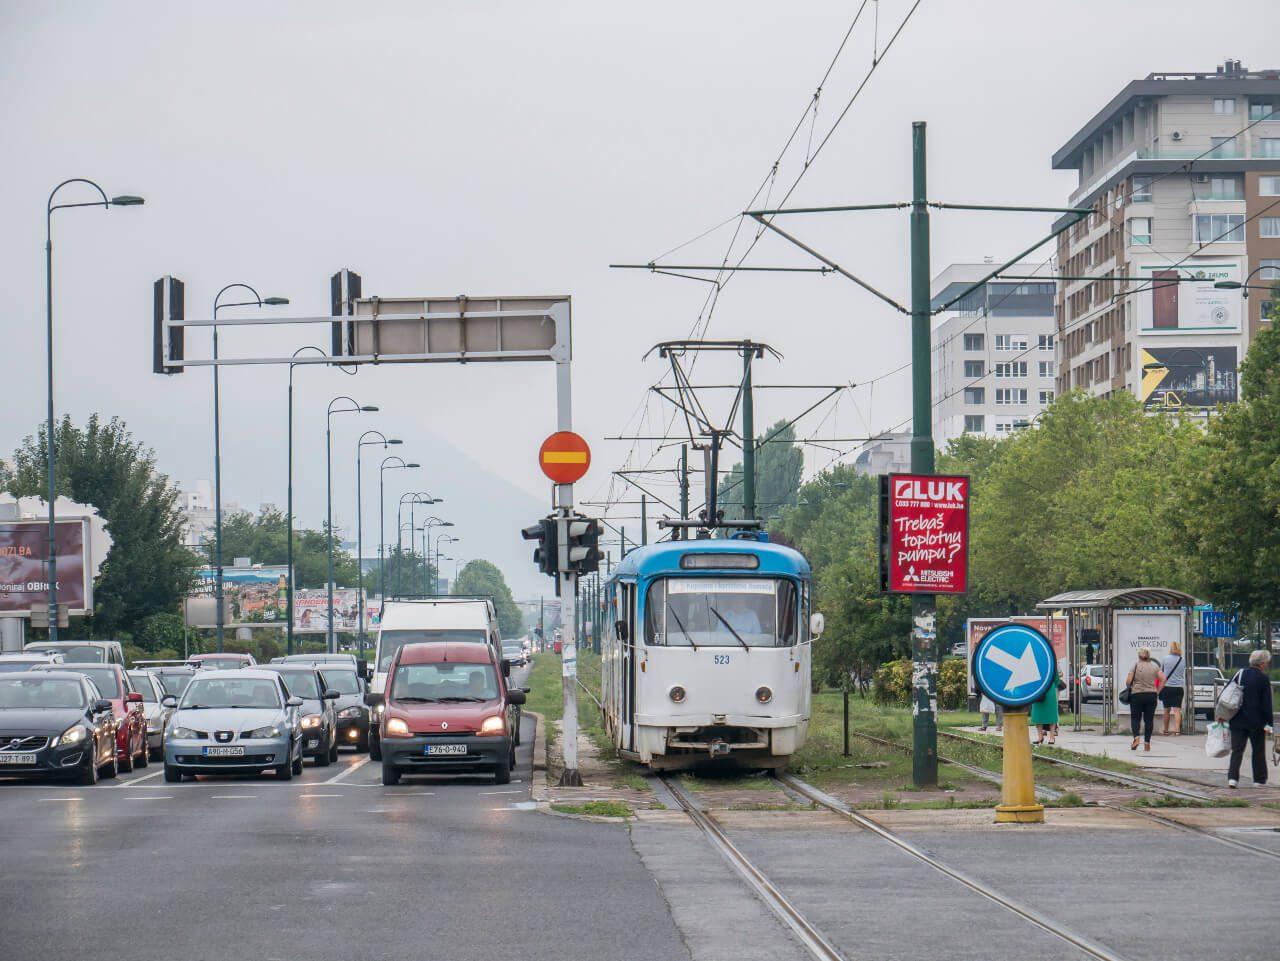 Samochody i tramwaj na ulicy Zmaja od Bosne (Aleja Snajperów)